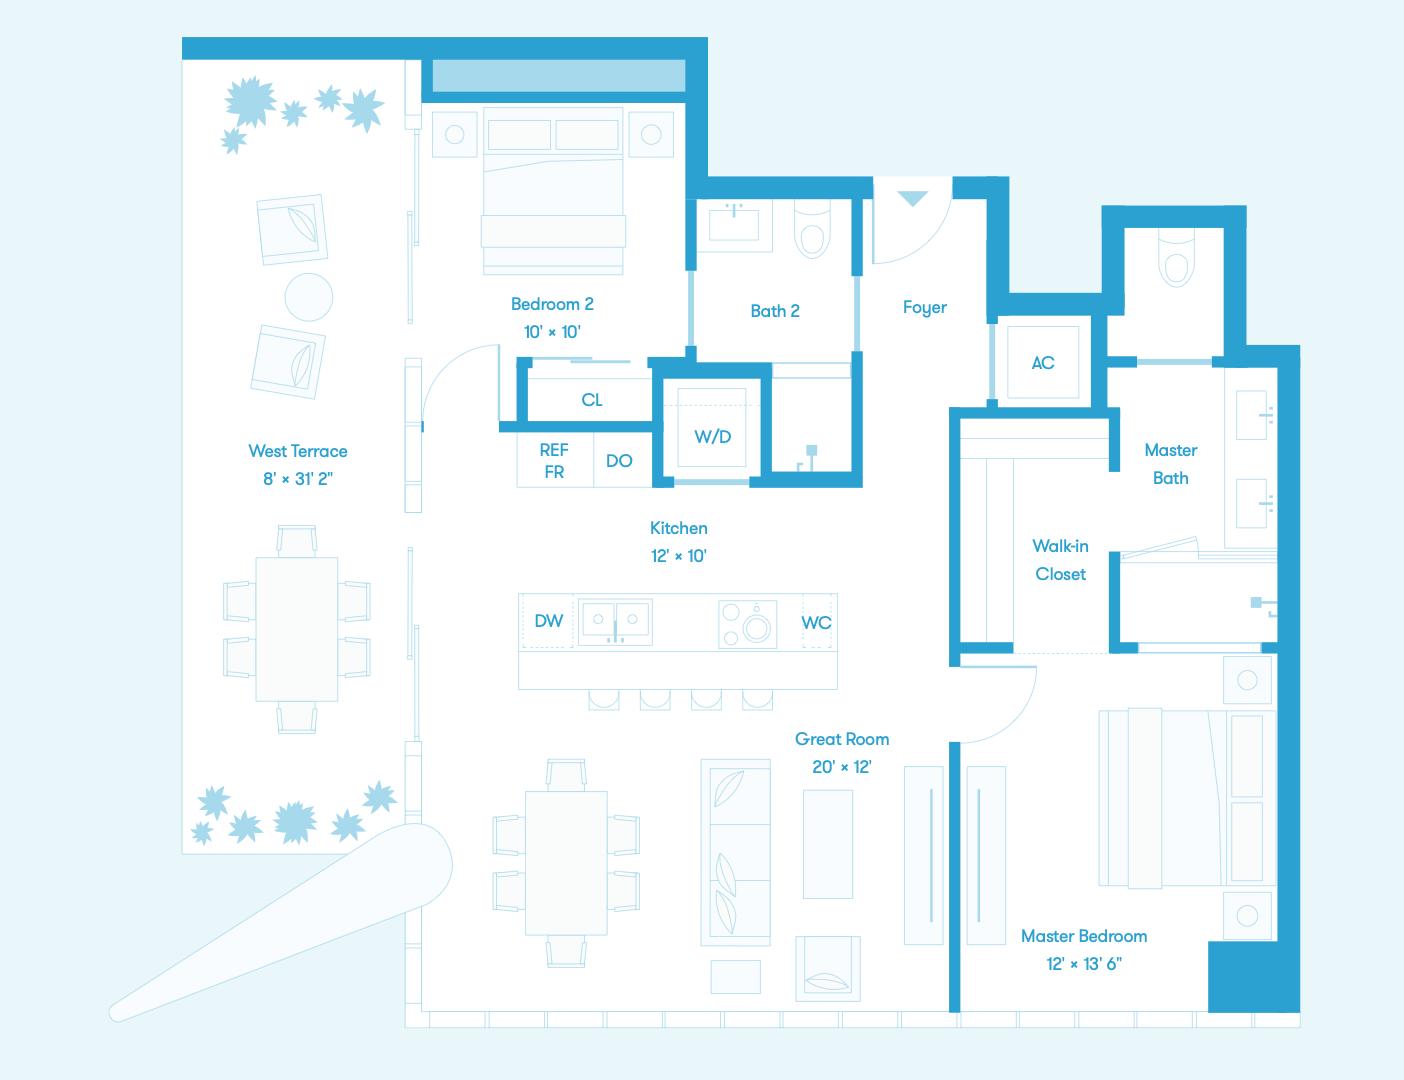 Bay Residence SW Floors 8 - 36